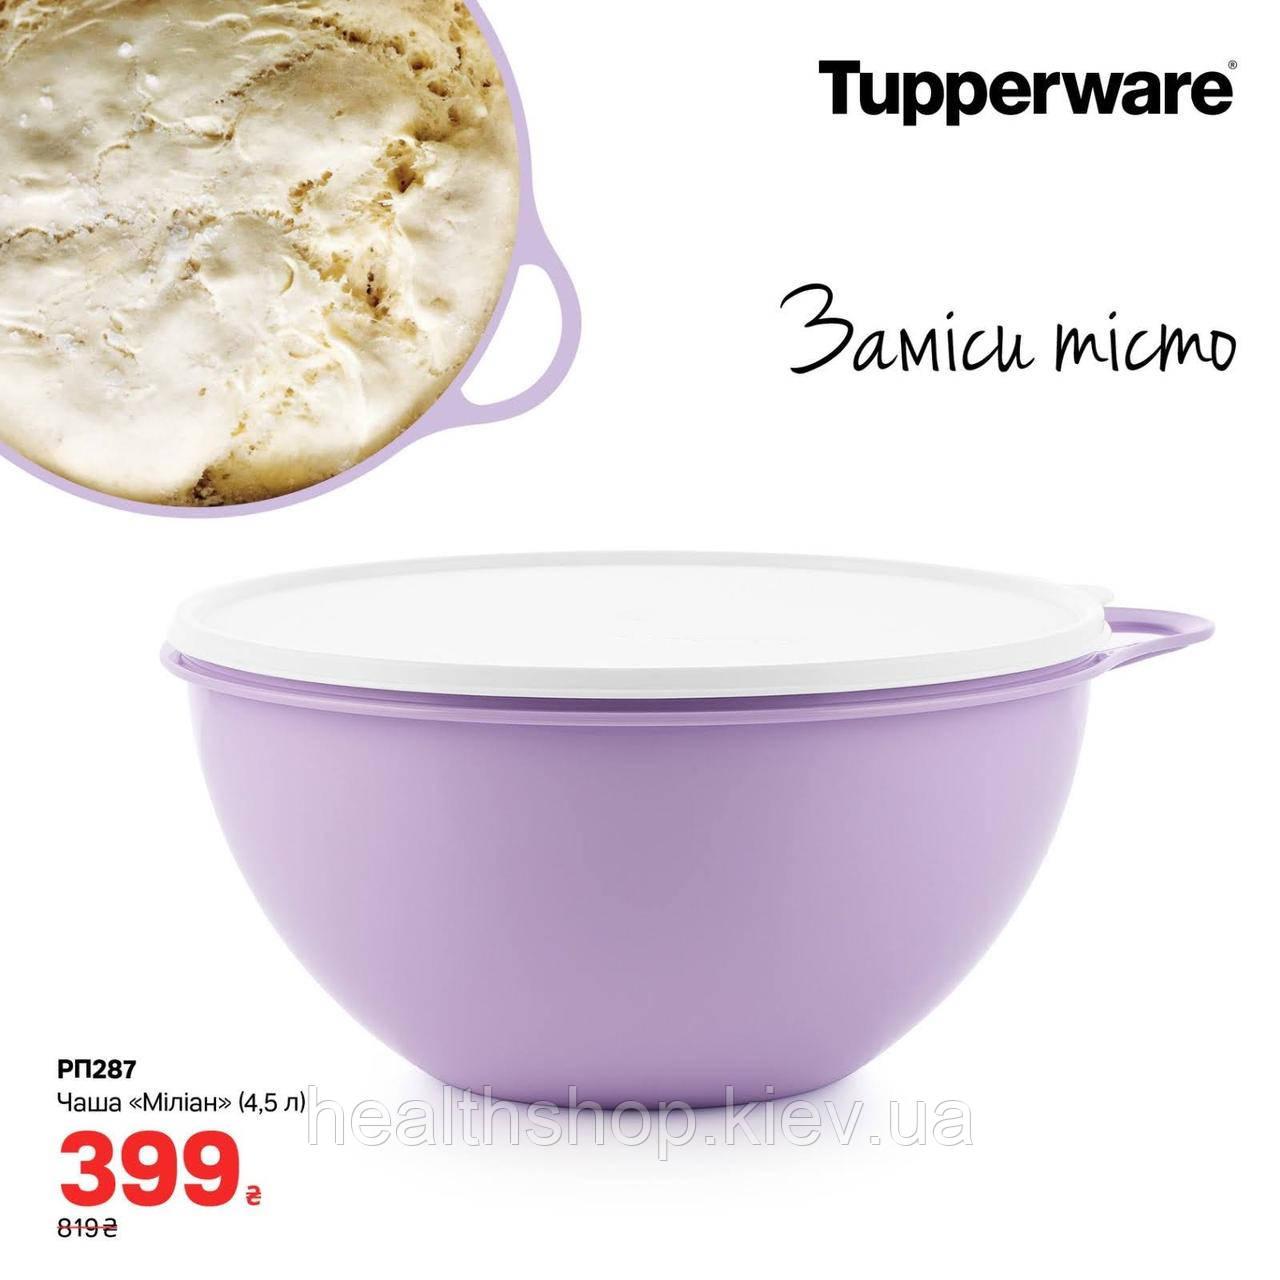 Замесочное блюдо Милиан 4,5 л Tupperware (Оригінал) Тапервер